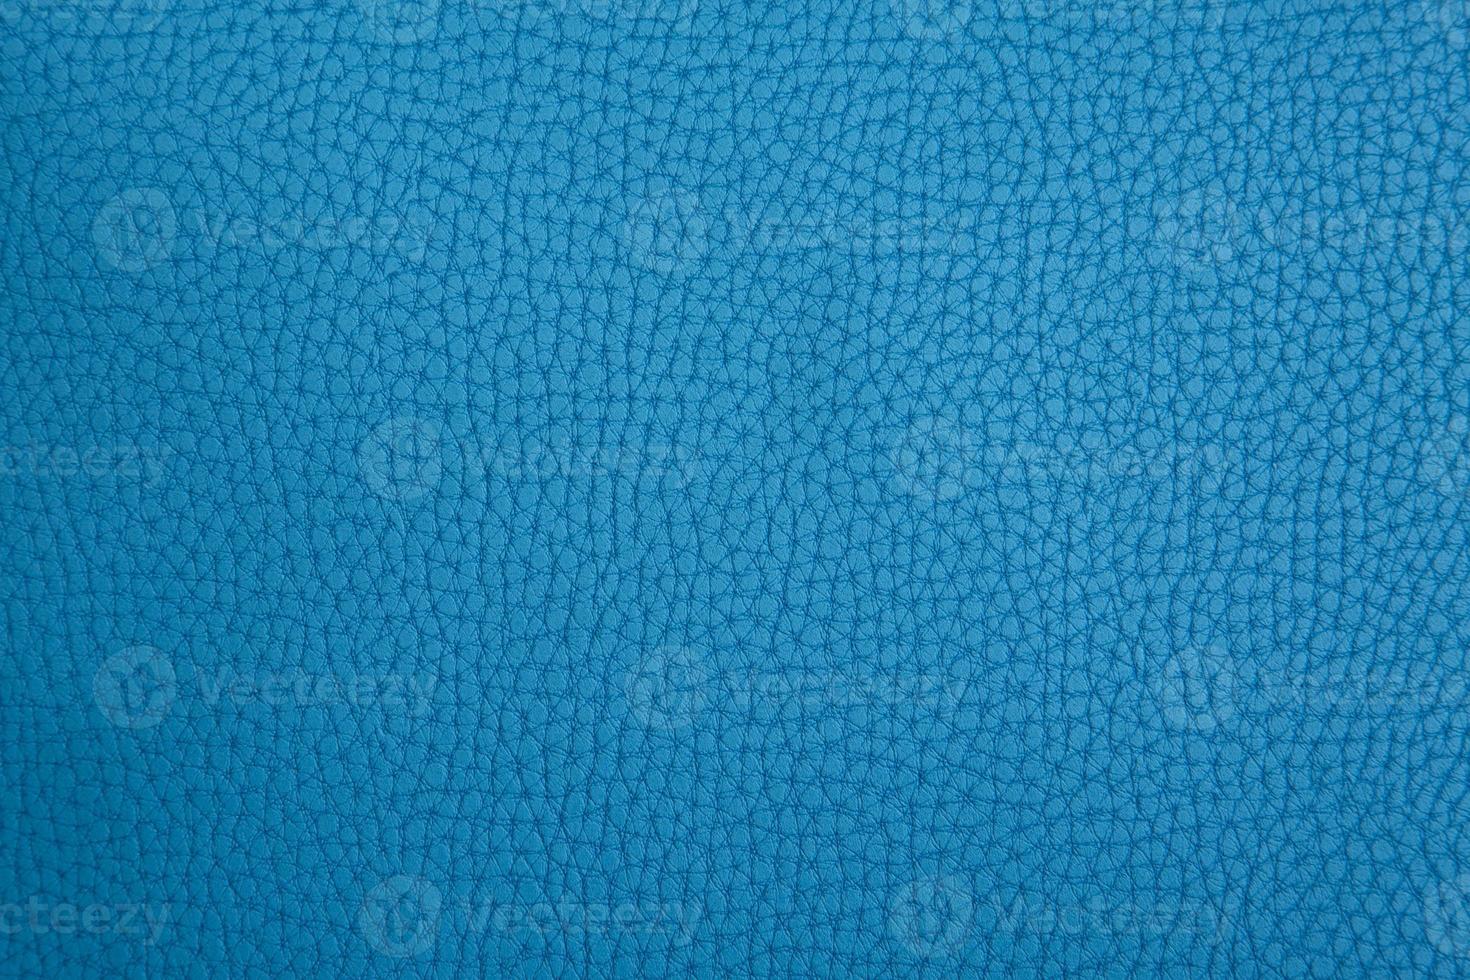 textura de cuero foto